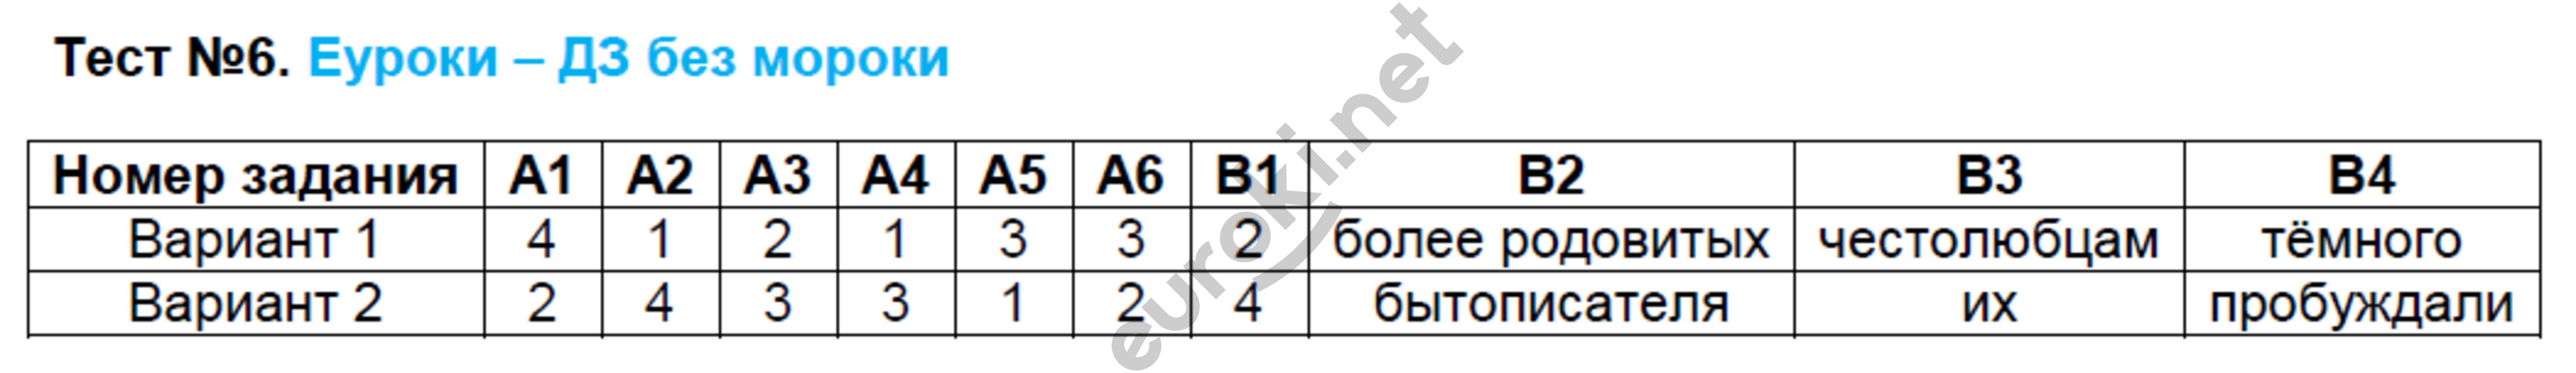 ГДЗ по русскому языку 7 класс контрольно-измерительные материалы Егорова. Задание: Тест 6